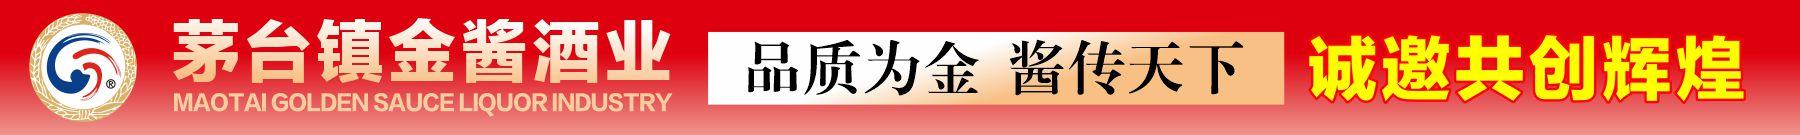 貴州省仁懷市茅臺鎮金醬酒業有限公司【金品事業部】